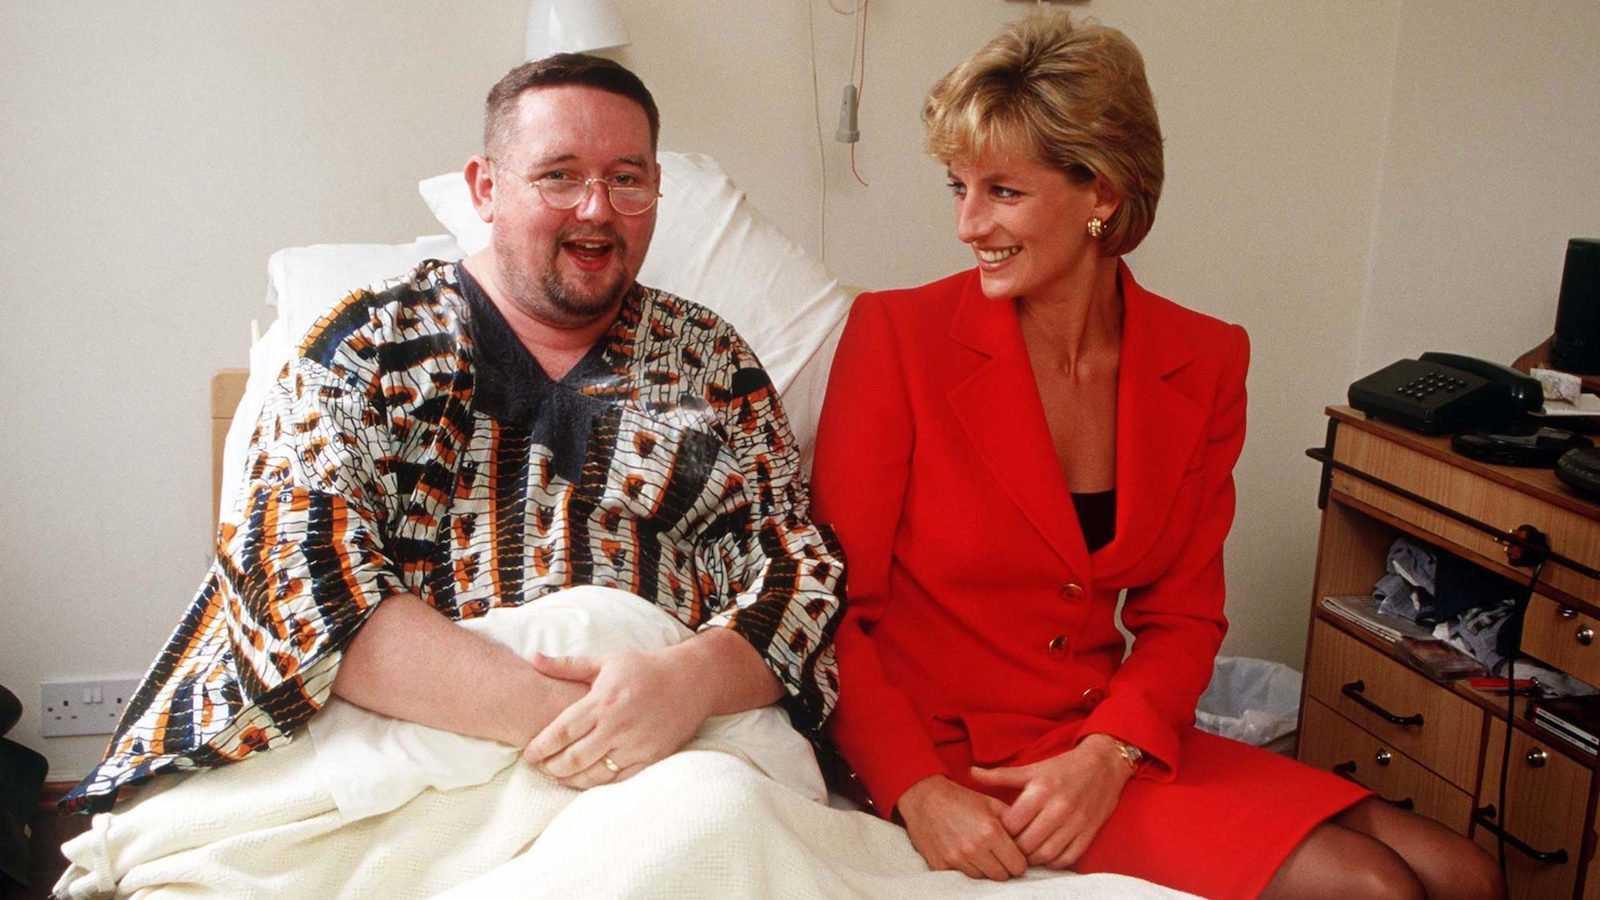 A princesa Diana se tornou um ícone gay por seu trabalho com pacientes com HIV / AIDS e rumores de que ela se vestia de travesti para ir a clubes com amigos gays